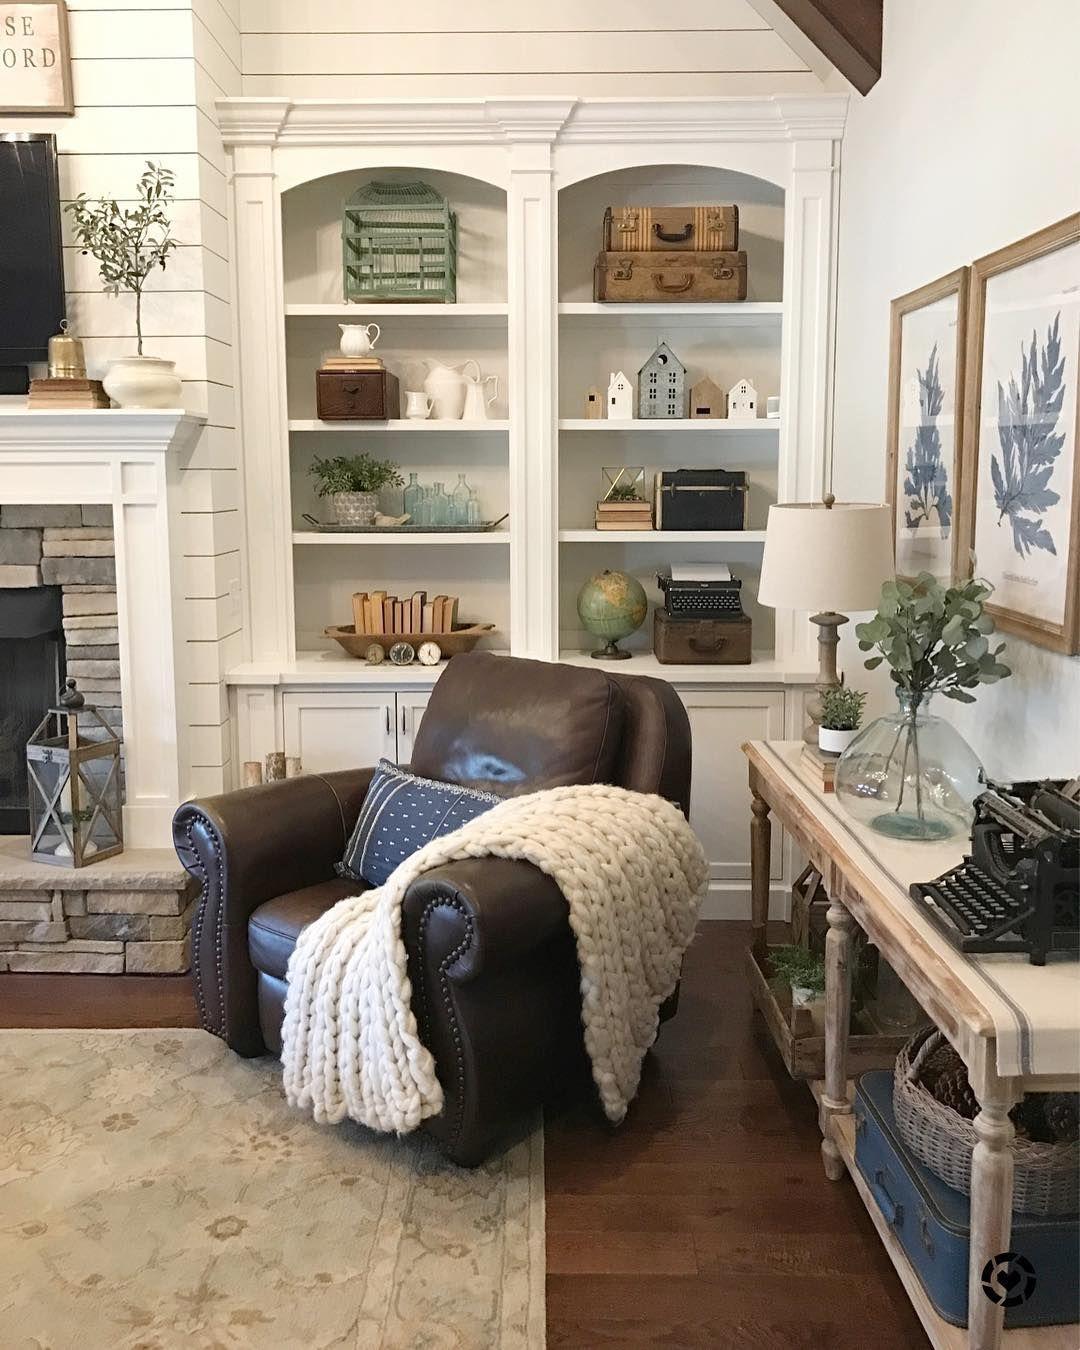 shelf decor | Home living room, Home decor, Home